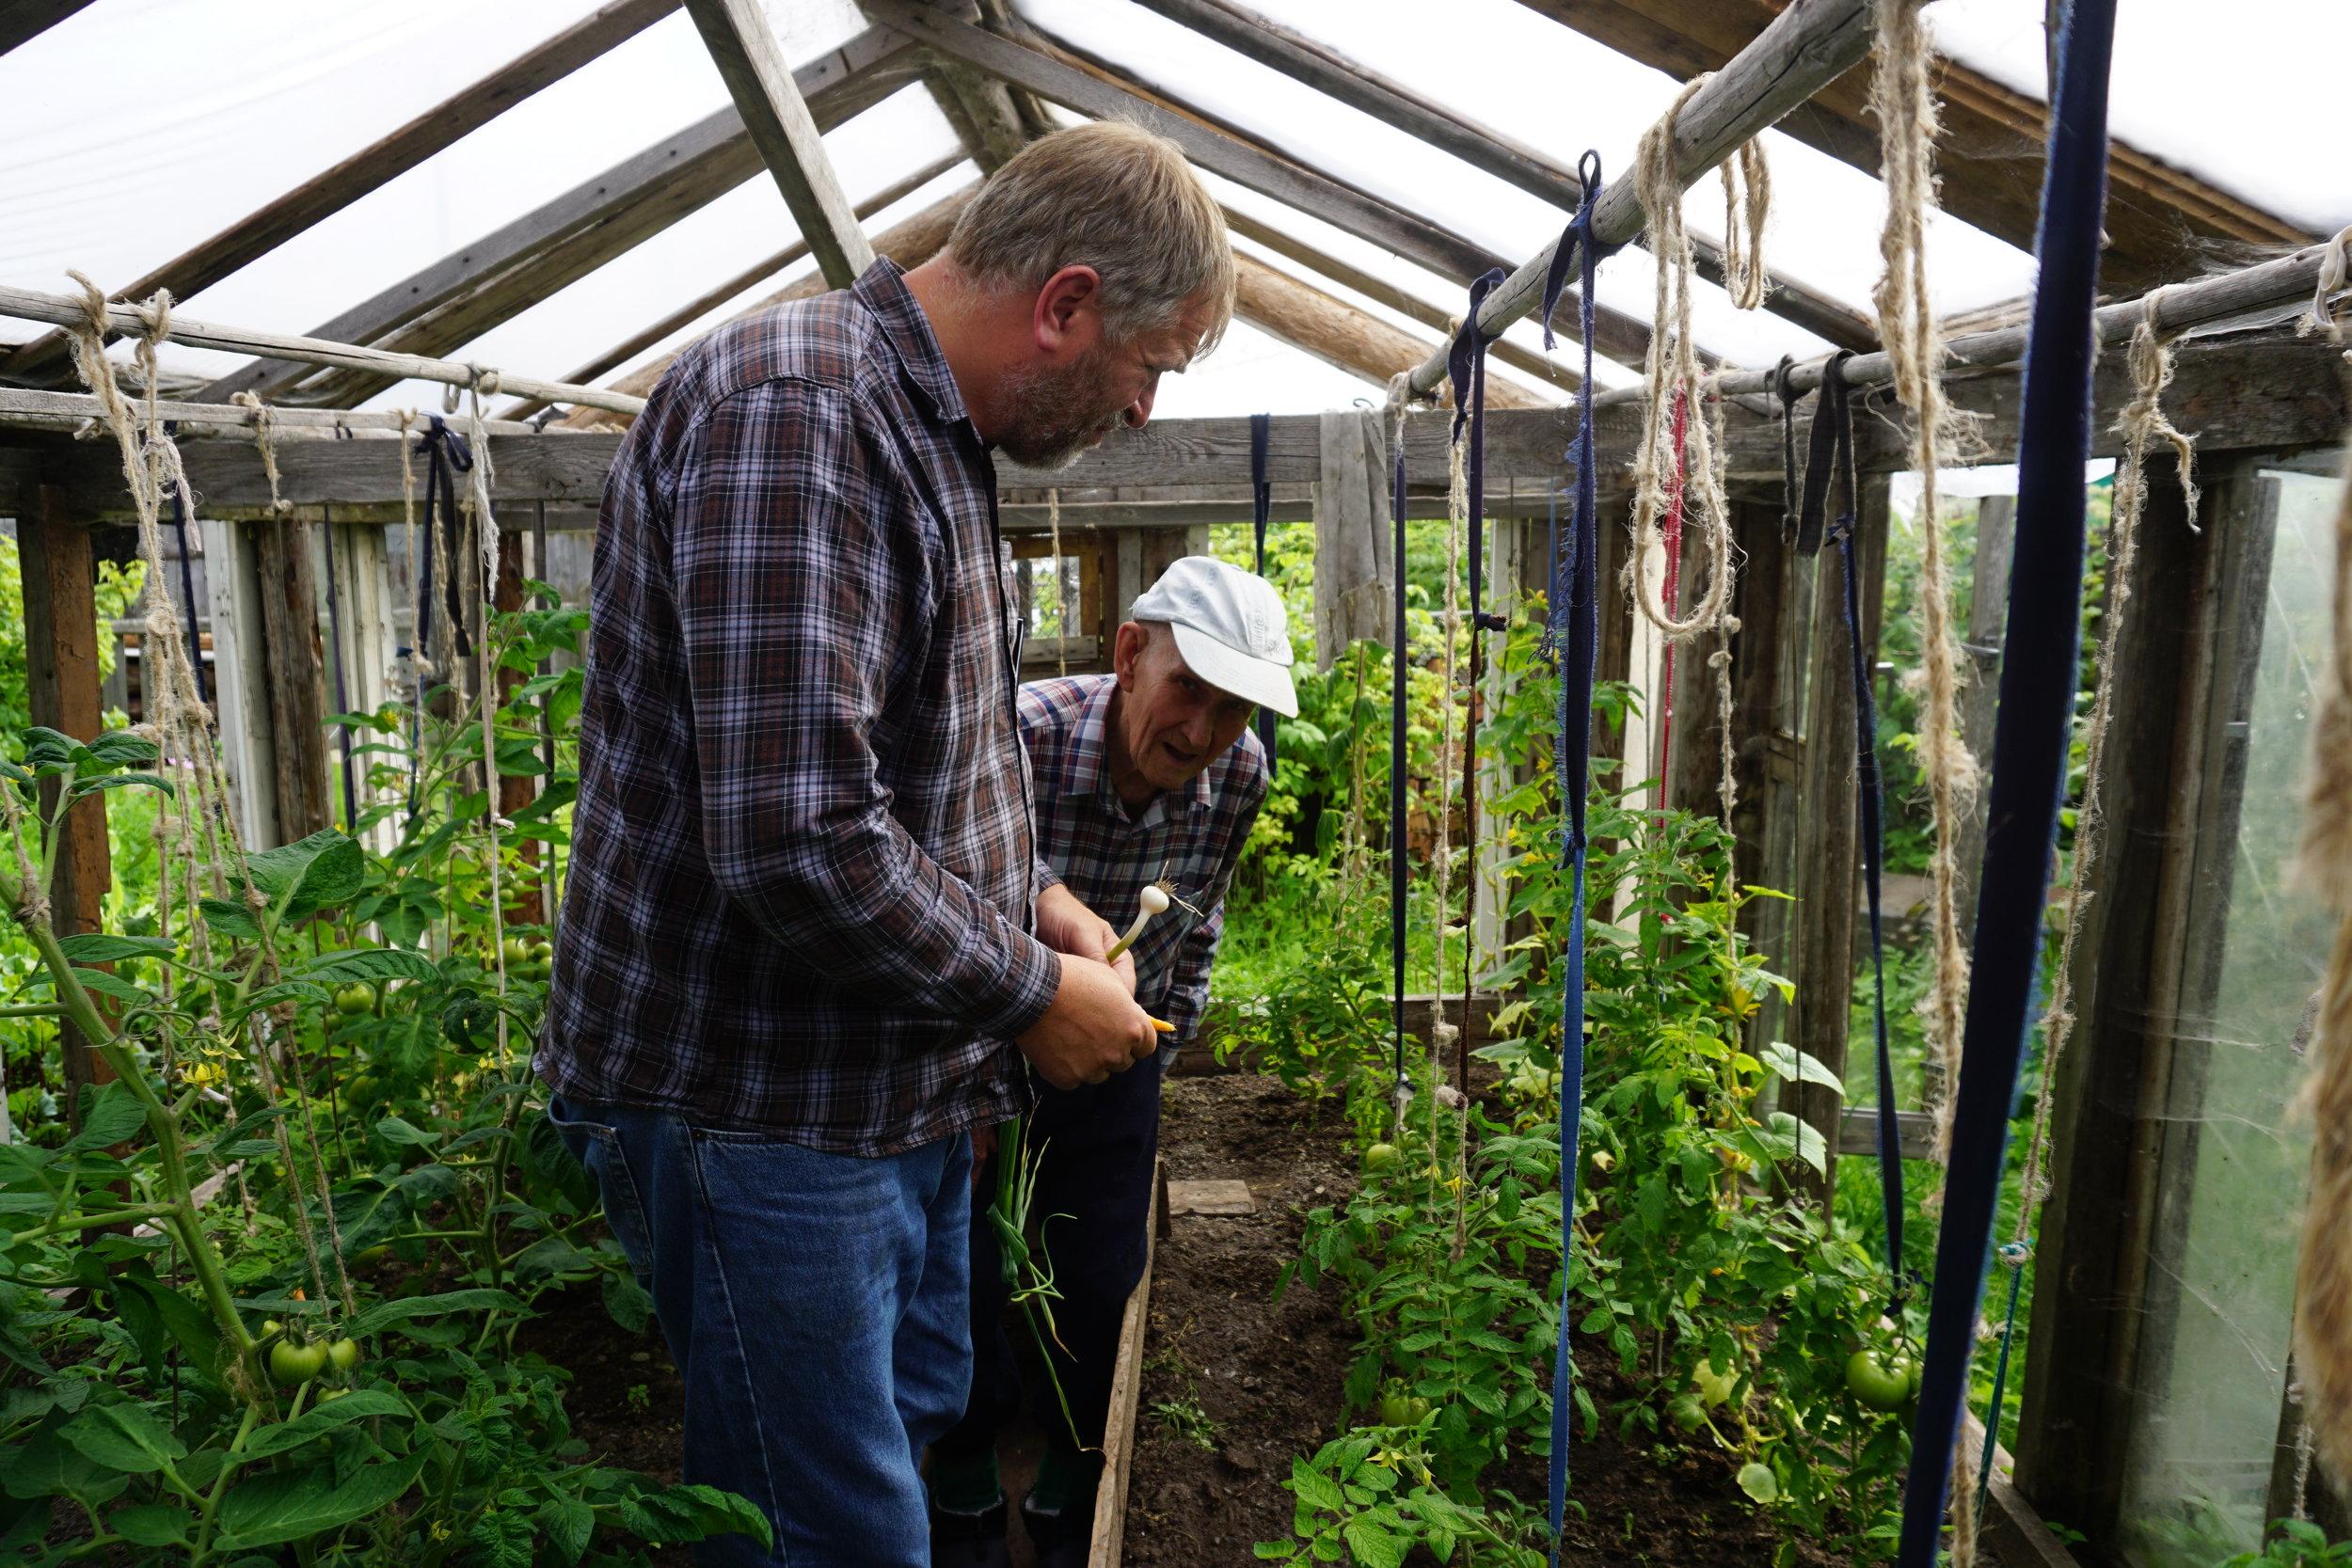 Gjenbruk av alt fra glass, reisverk og tau til oppbinding, er for mange helt nødvendig for å få endene til å møtes - og tomatene smaker jo det samme.